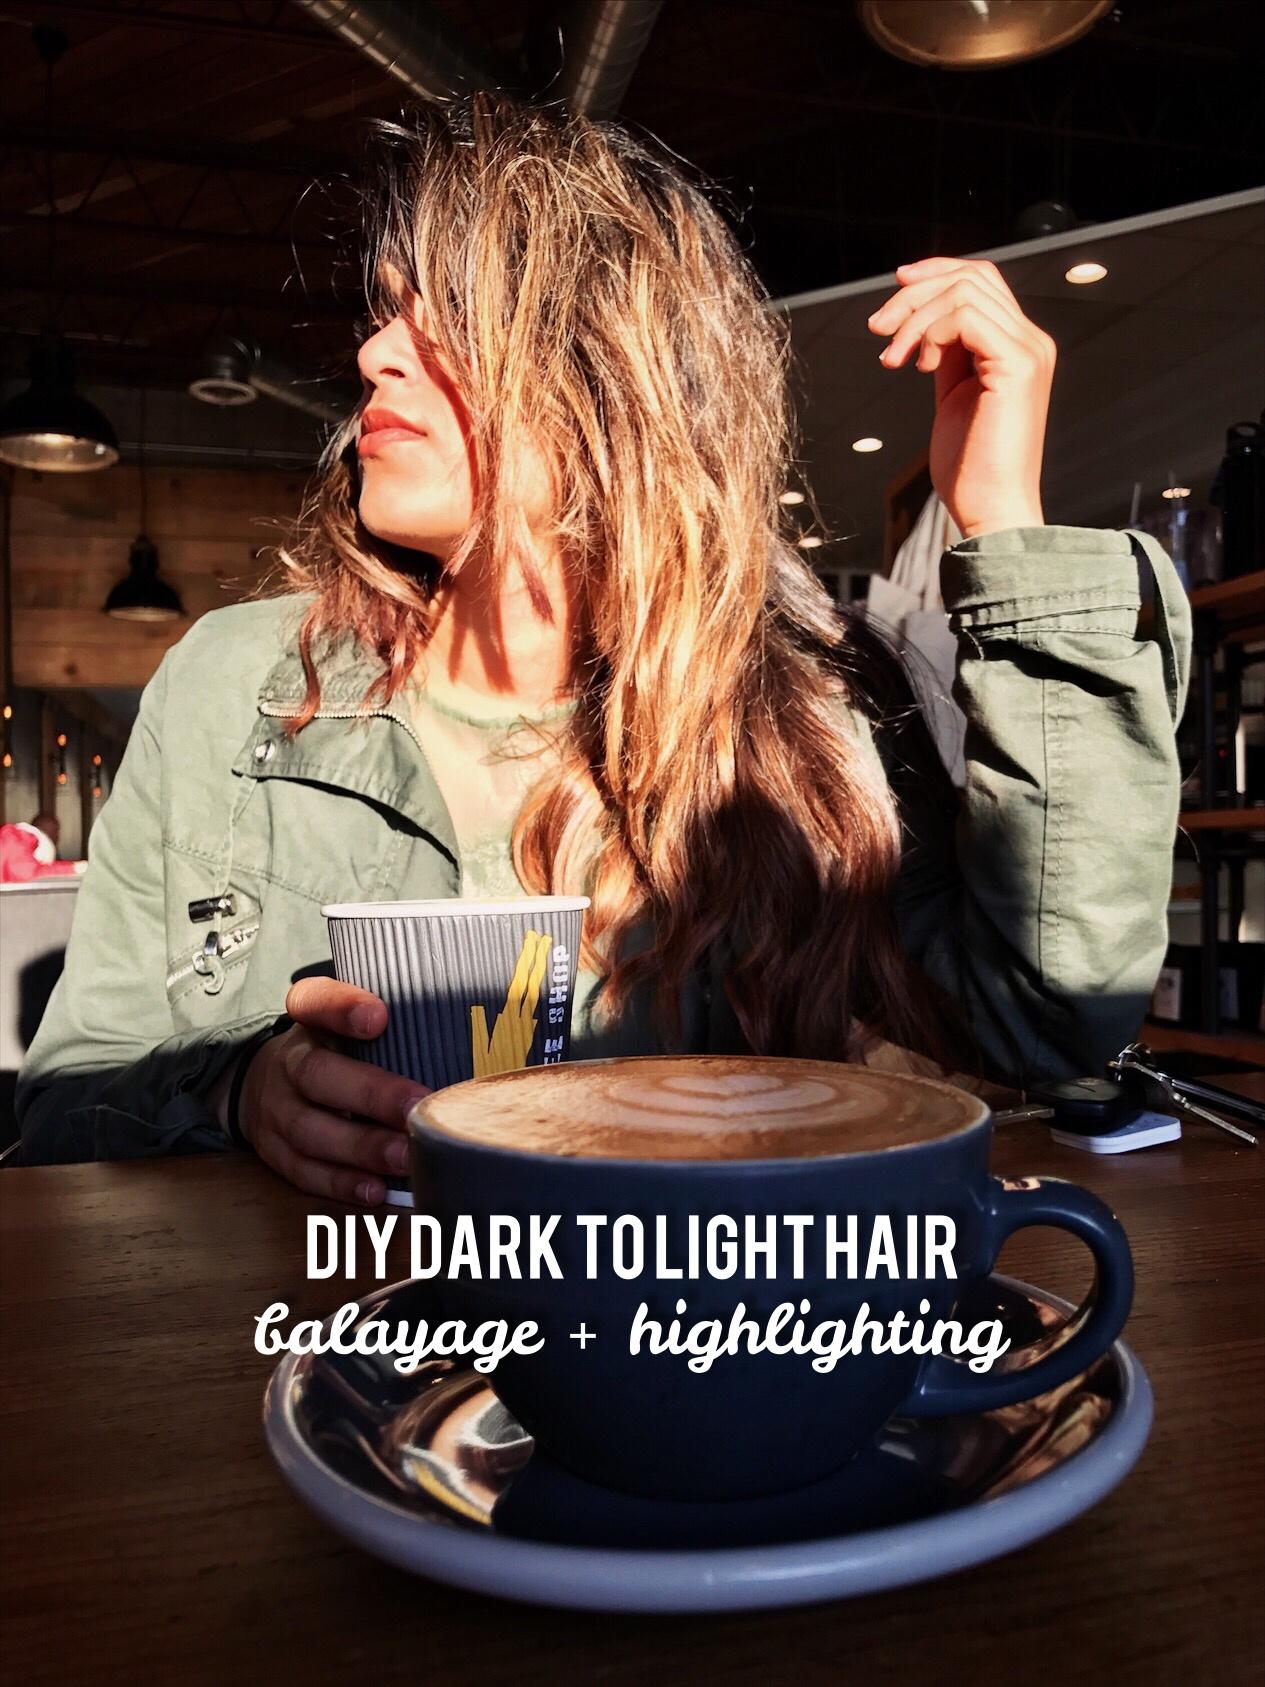 Diy Dark To Light Hair Highlighting Balayage The Snobby Foodie